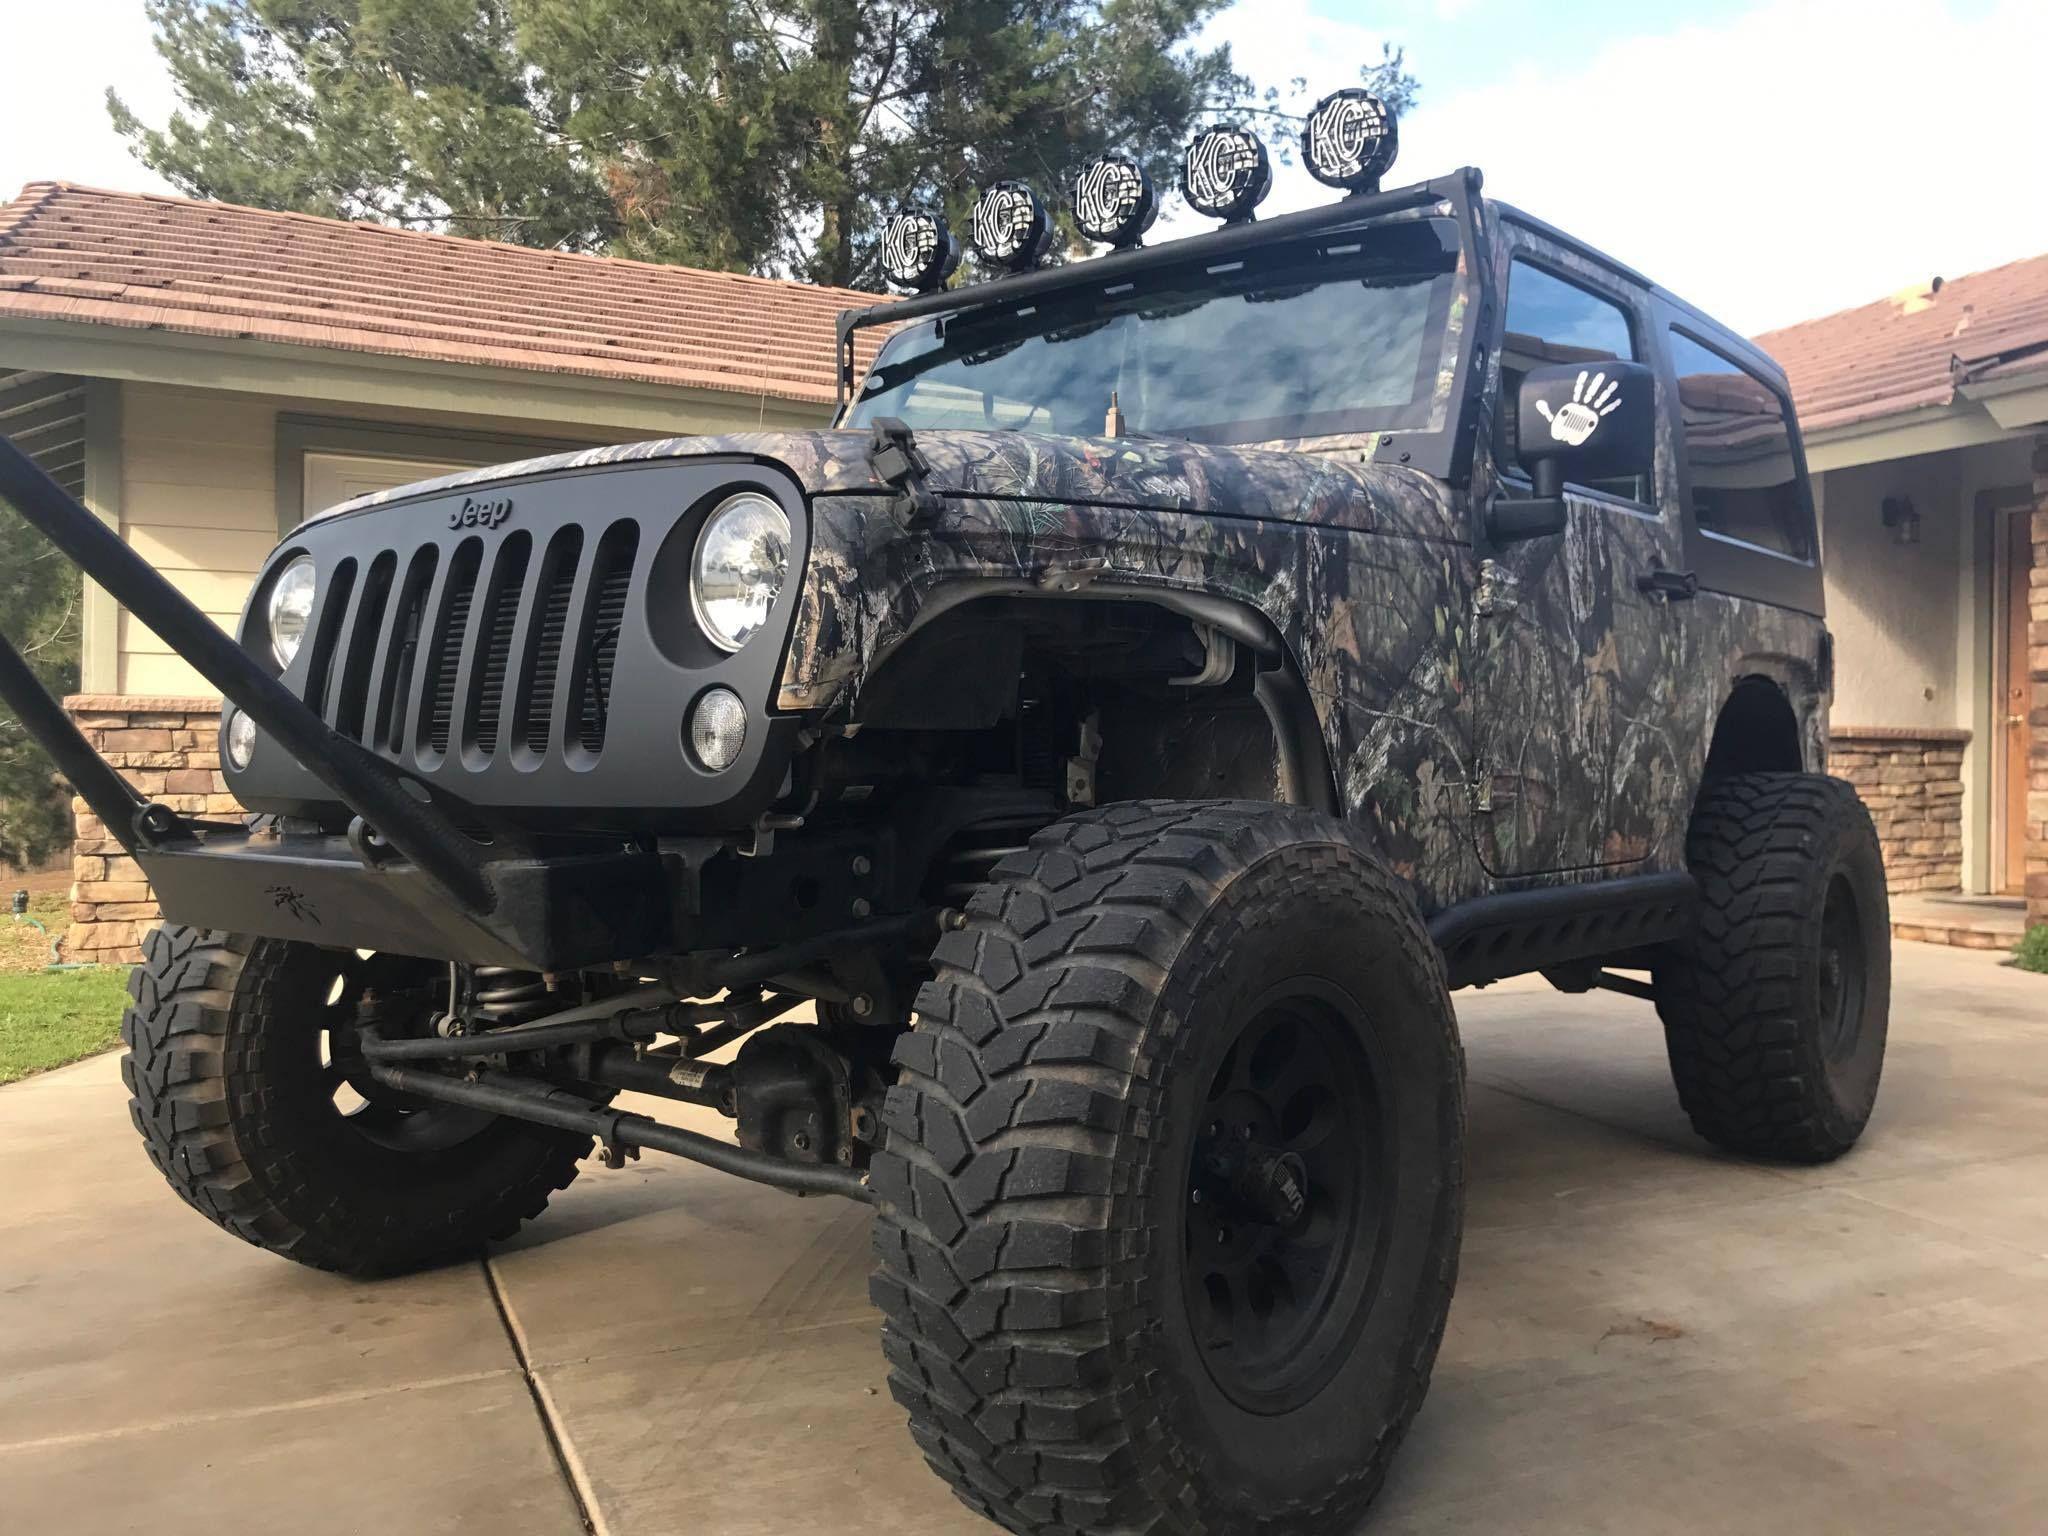 Kryptek Camo Jeep Wrap Wwwtopsimagescom